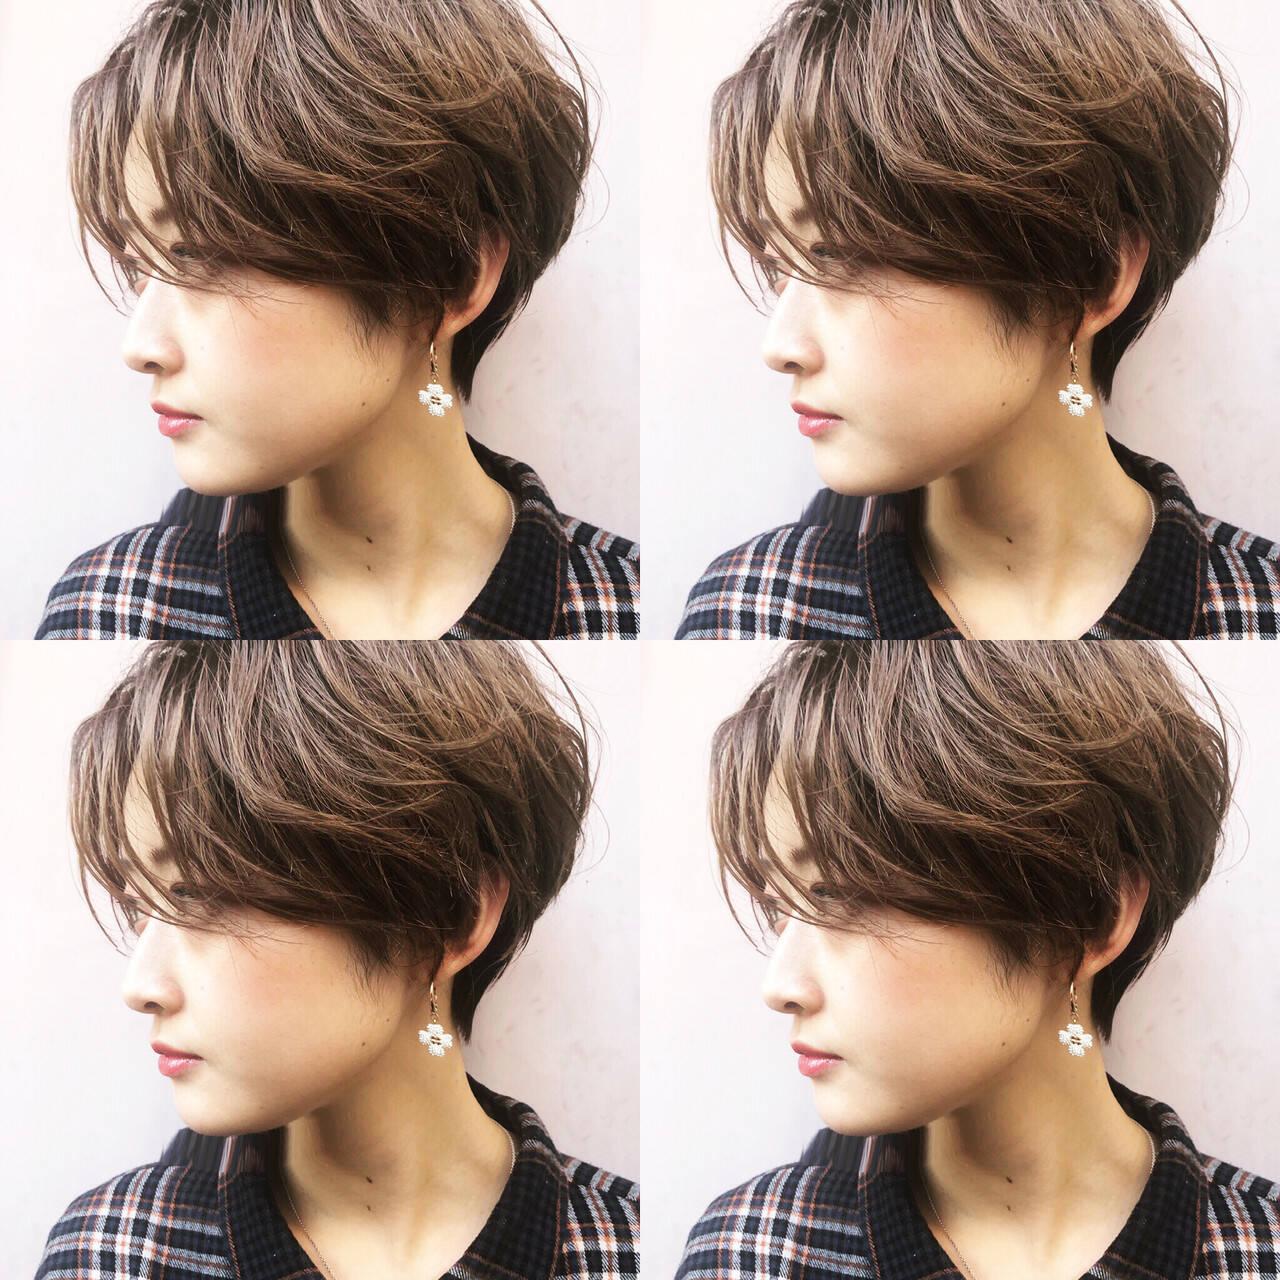 ハンサムショート ナチュラル 大人かわいい 簡単スタイリングヘアスタイルや髪型の写真・画像